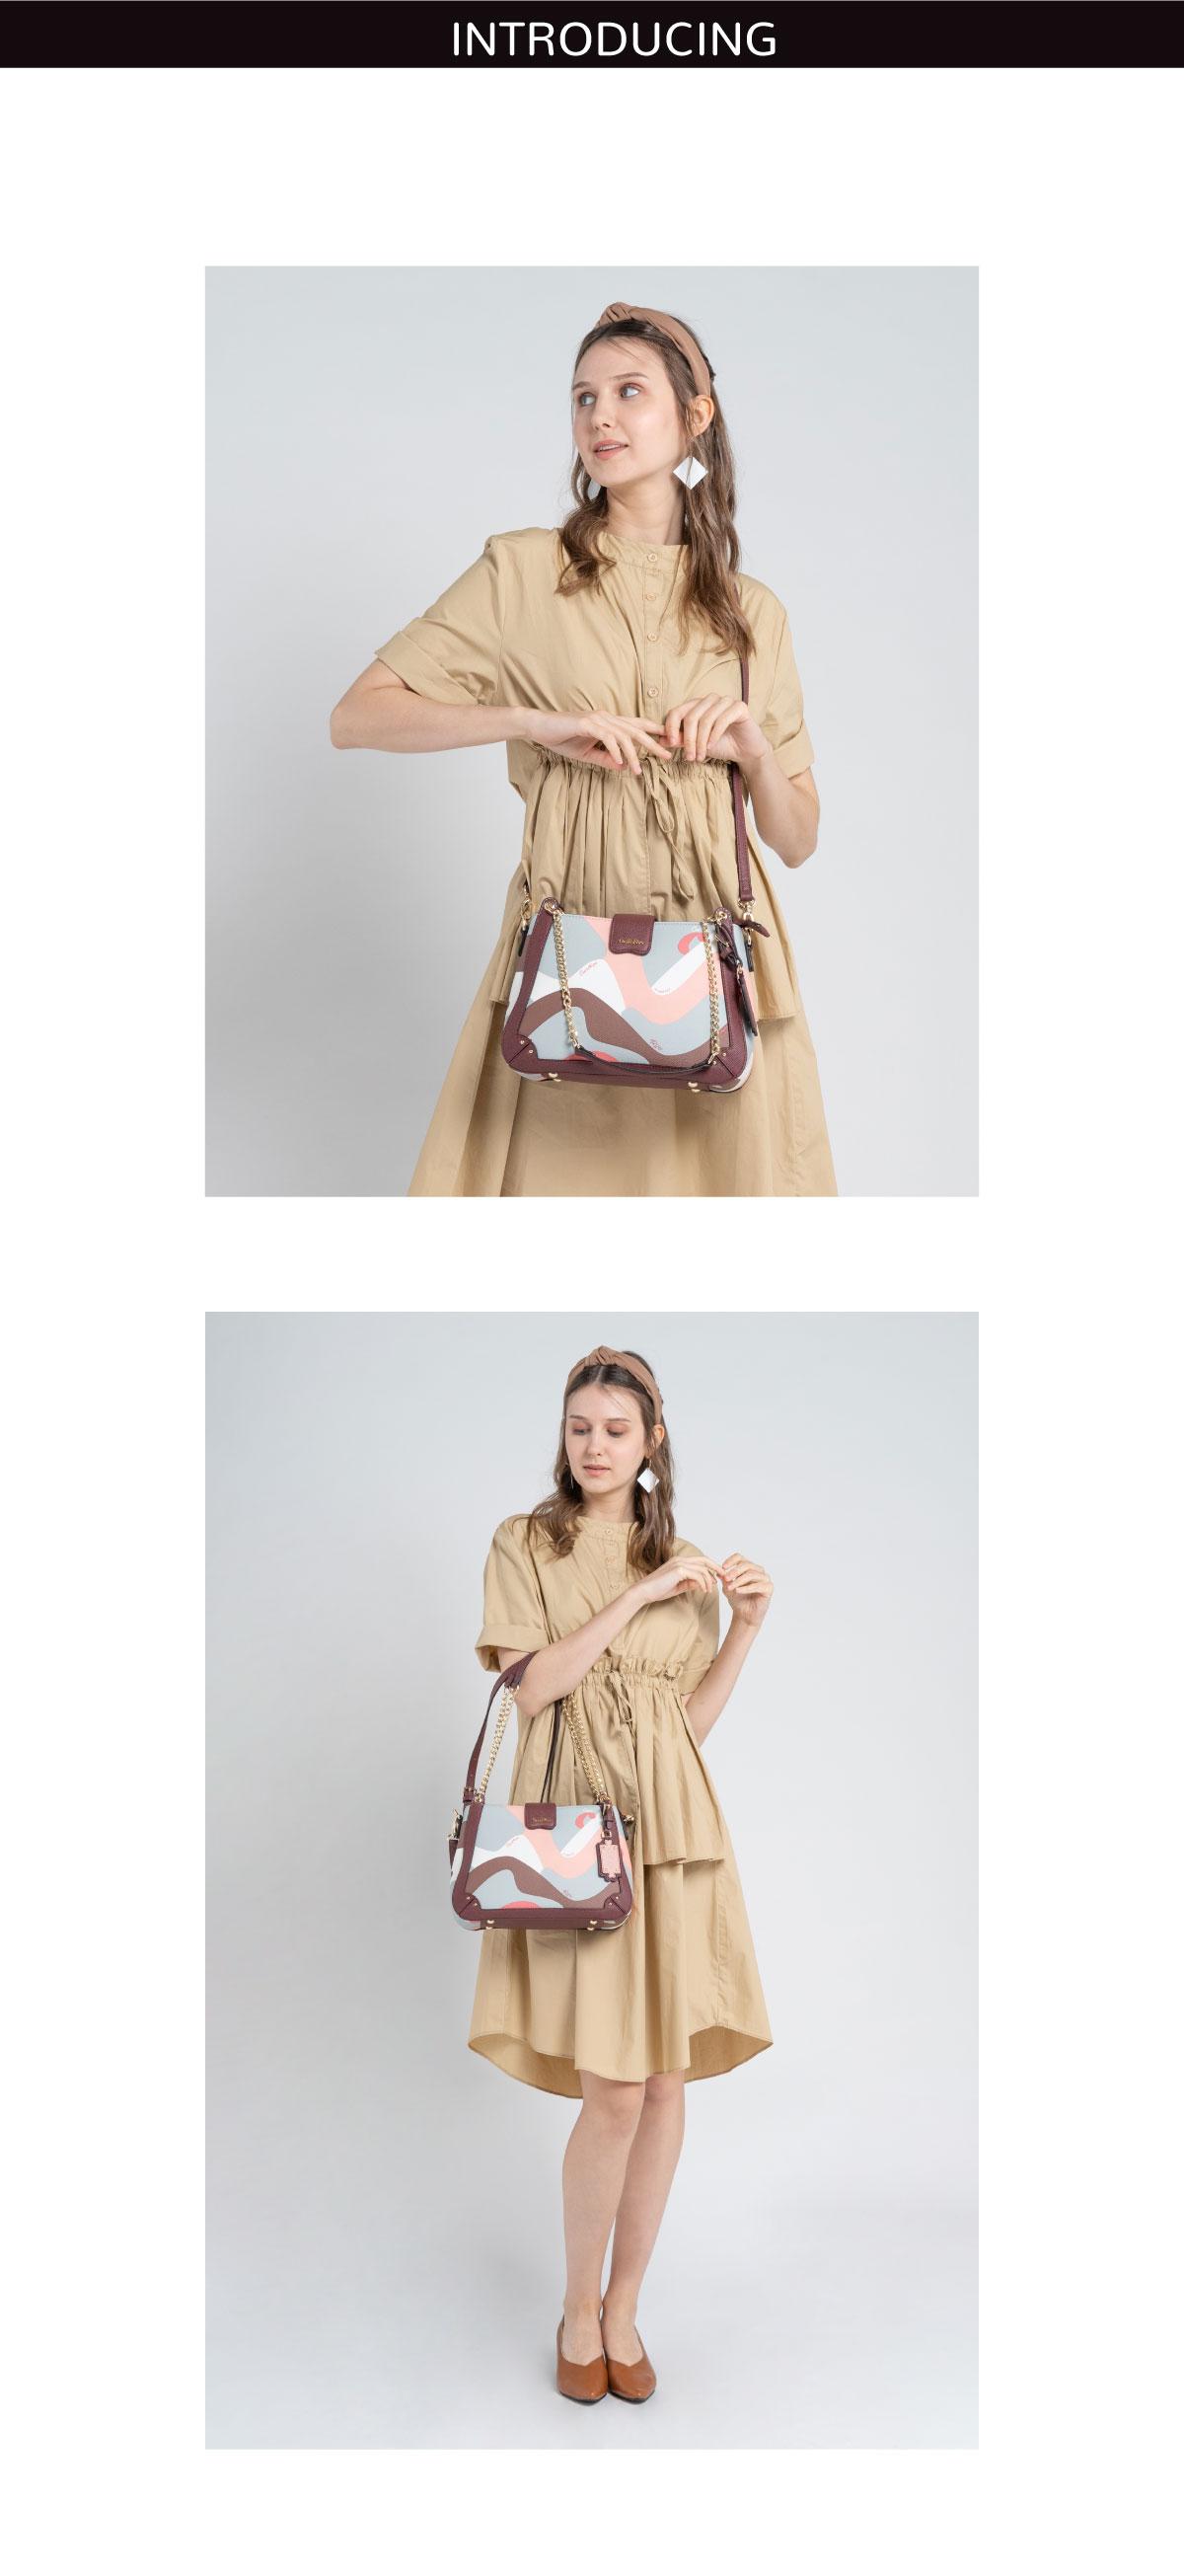 0304819G 004 14 01 - Posh in Pink Chain Link Shoulder Bag